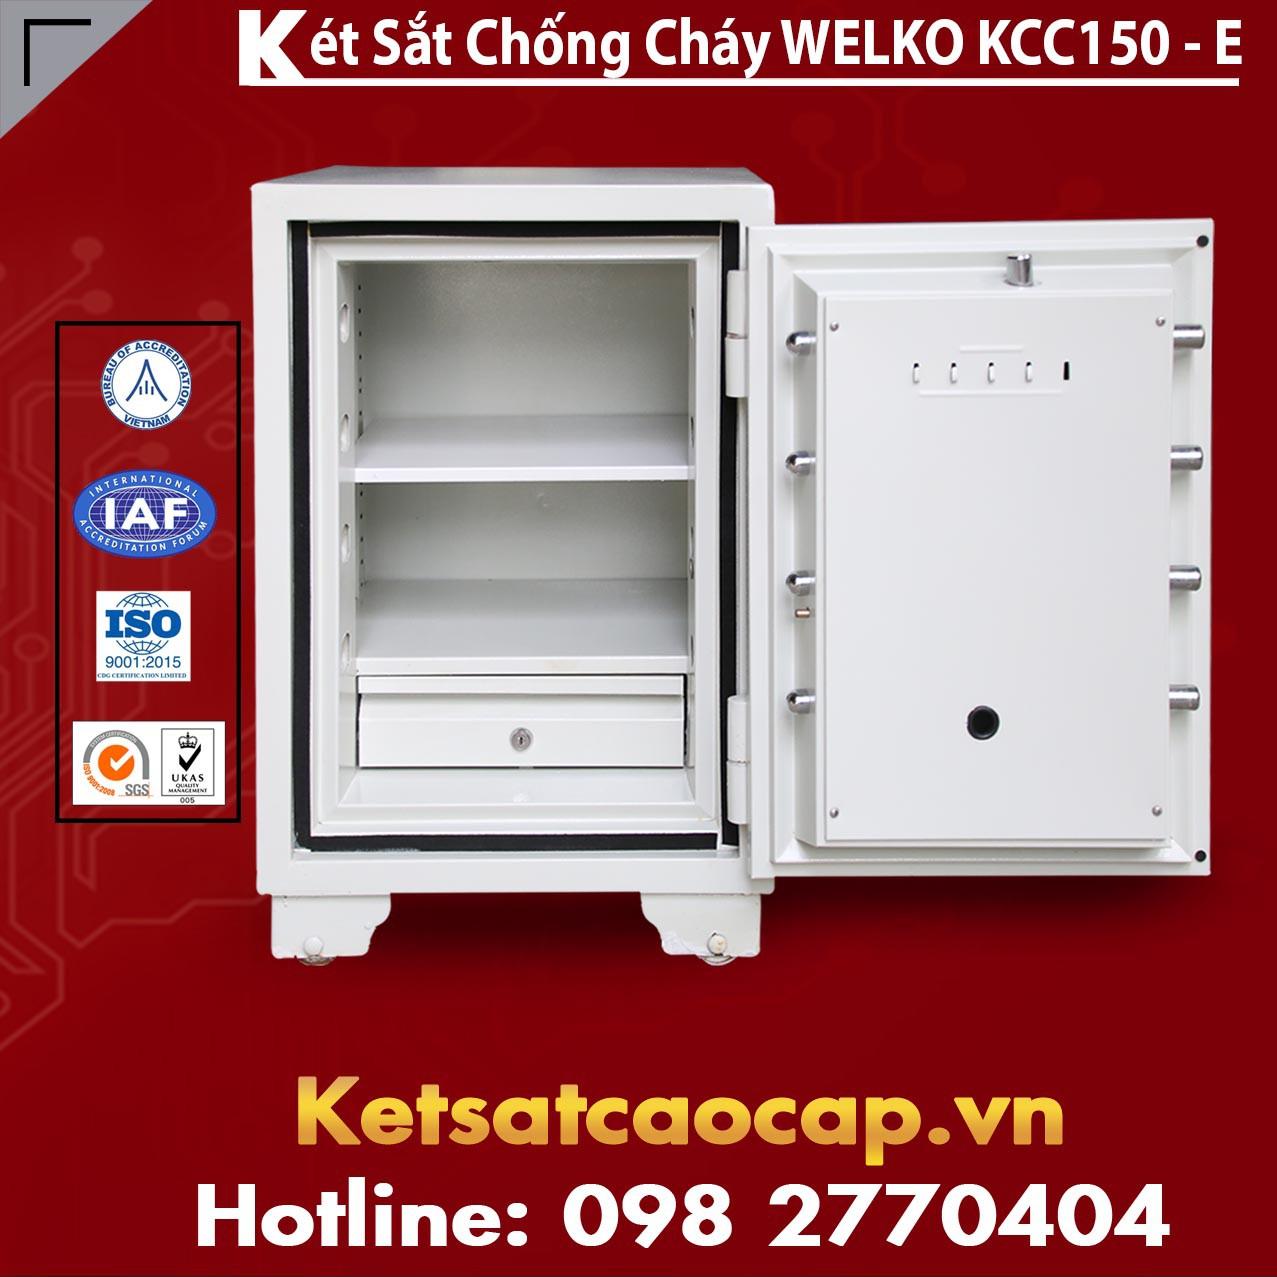 Két Sắt Thần Tài WELKO KCC150 - E Gold